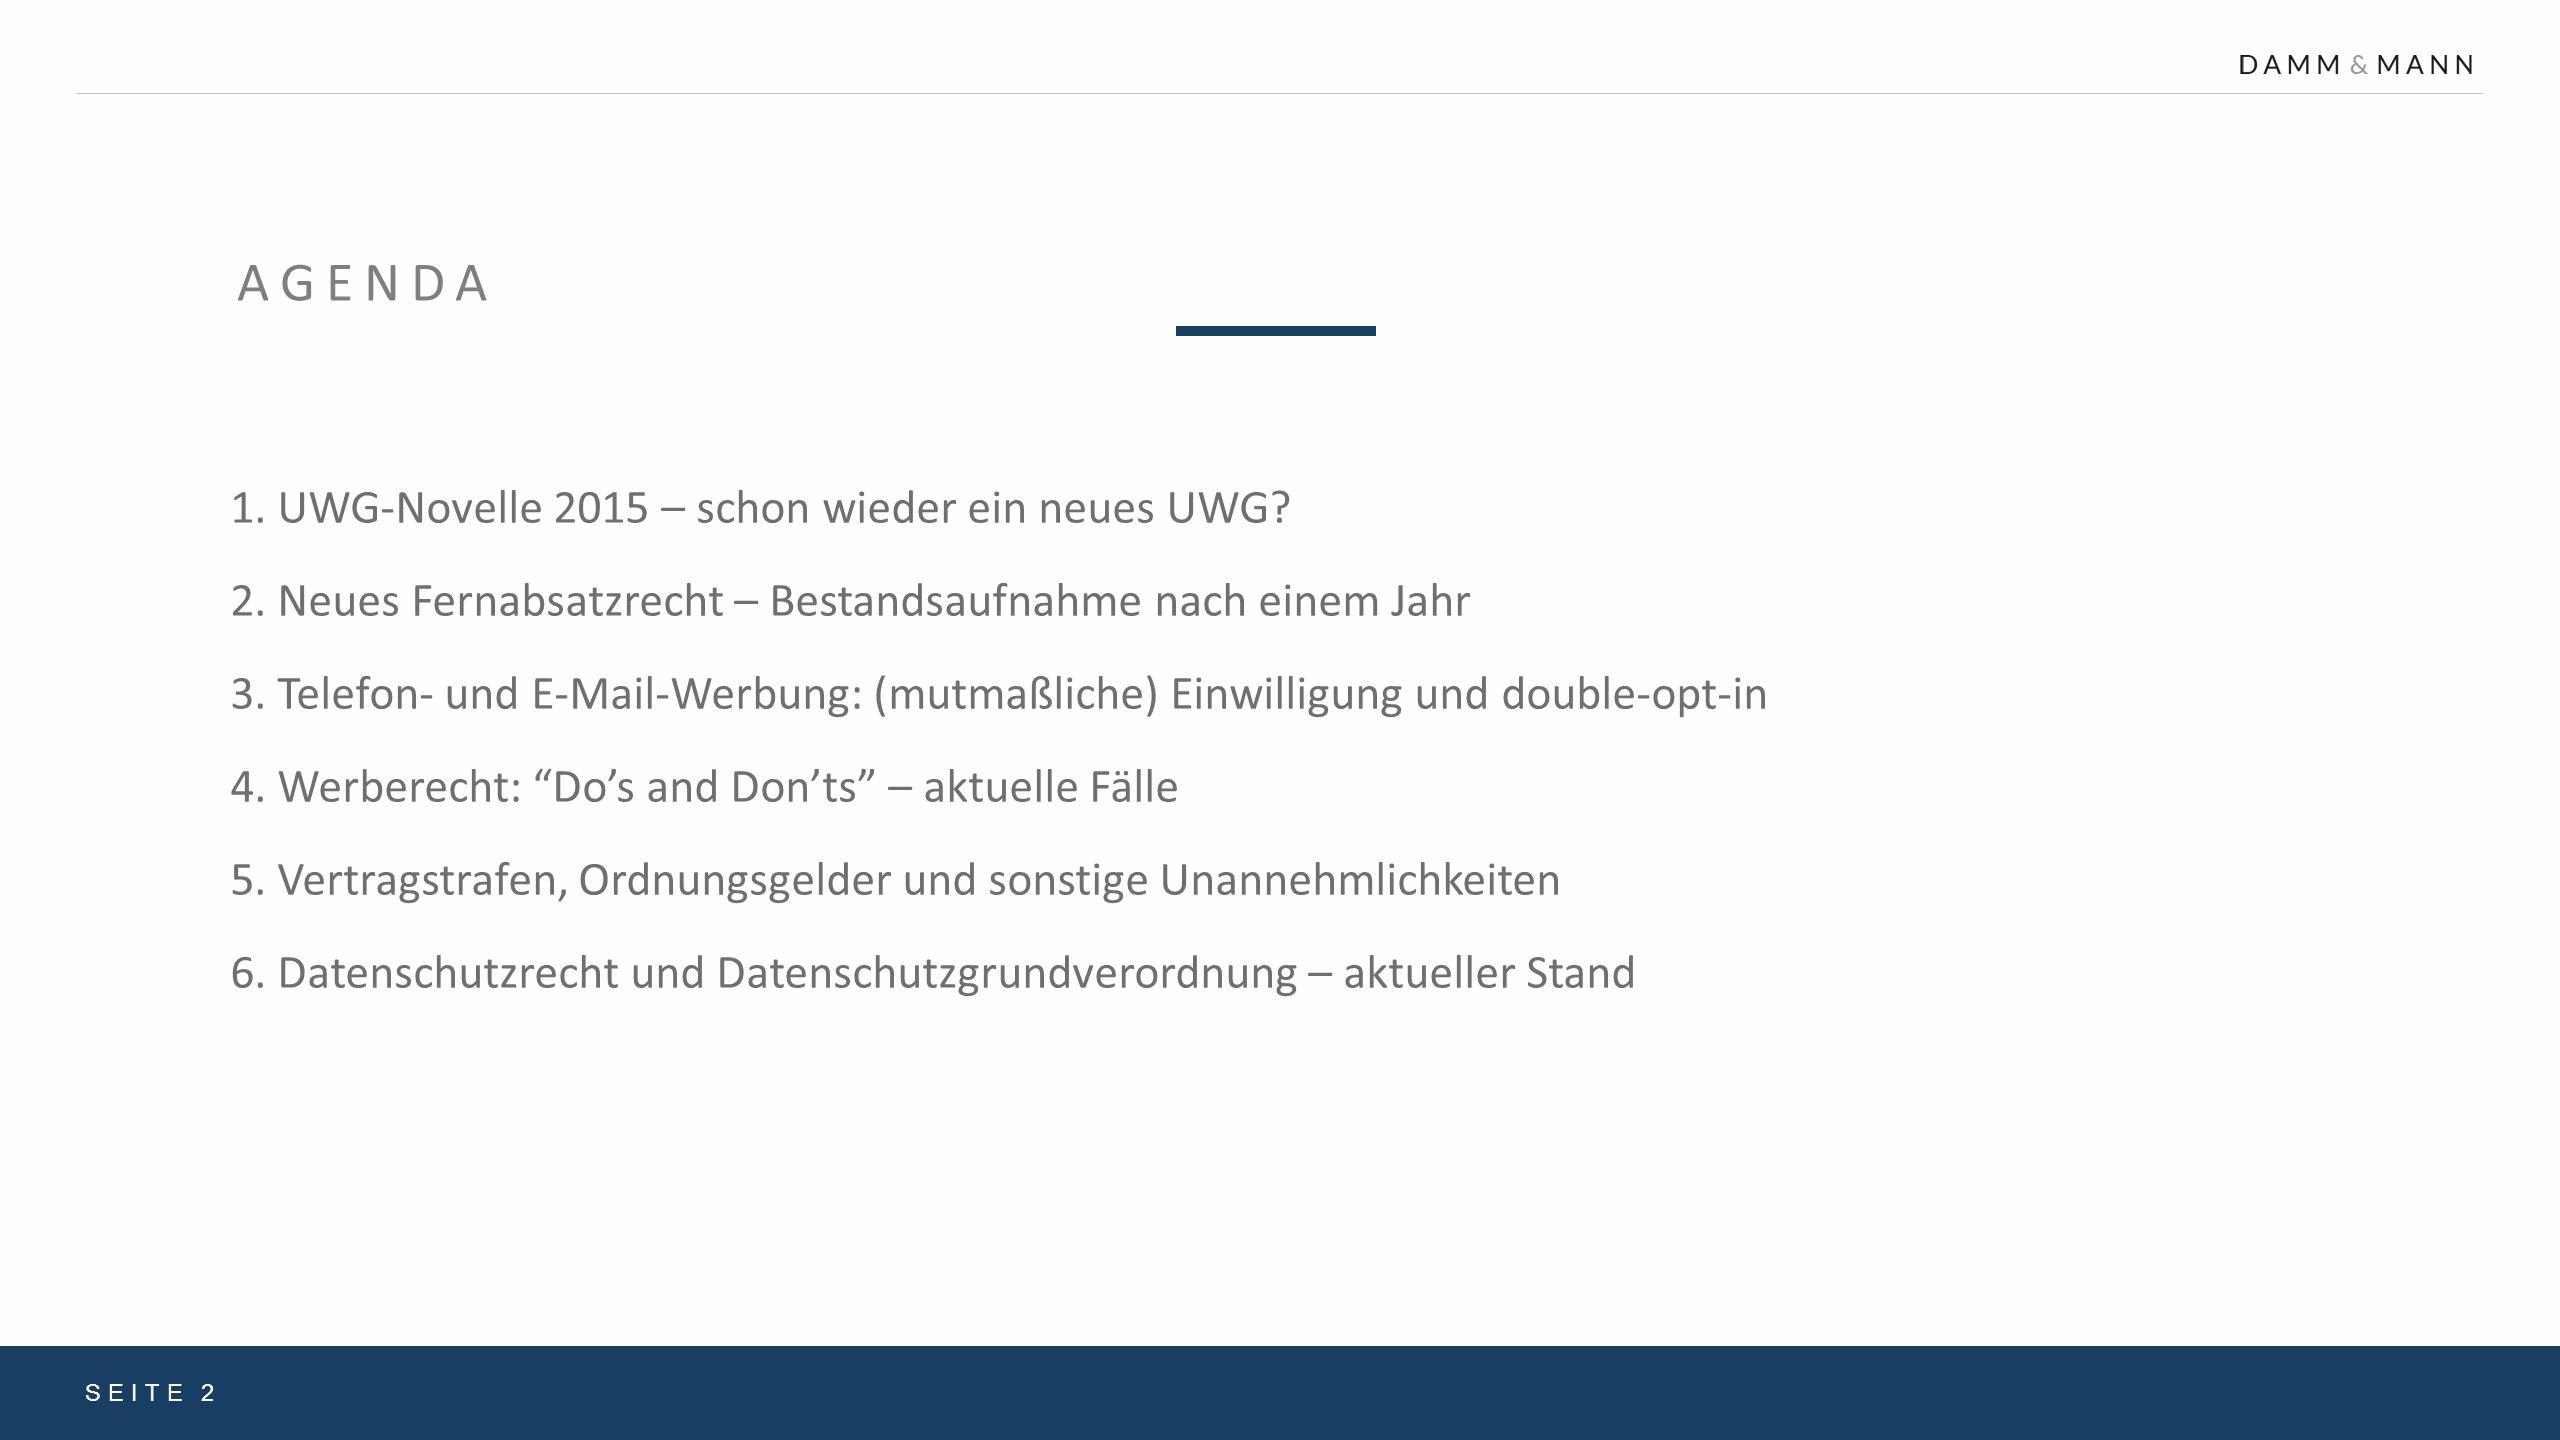 2.NEUES FERNABSATZRECHT - BESTANDSAUFNAHME SEITE 13  LG Hamburg v.